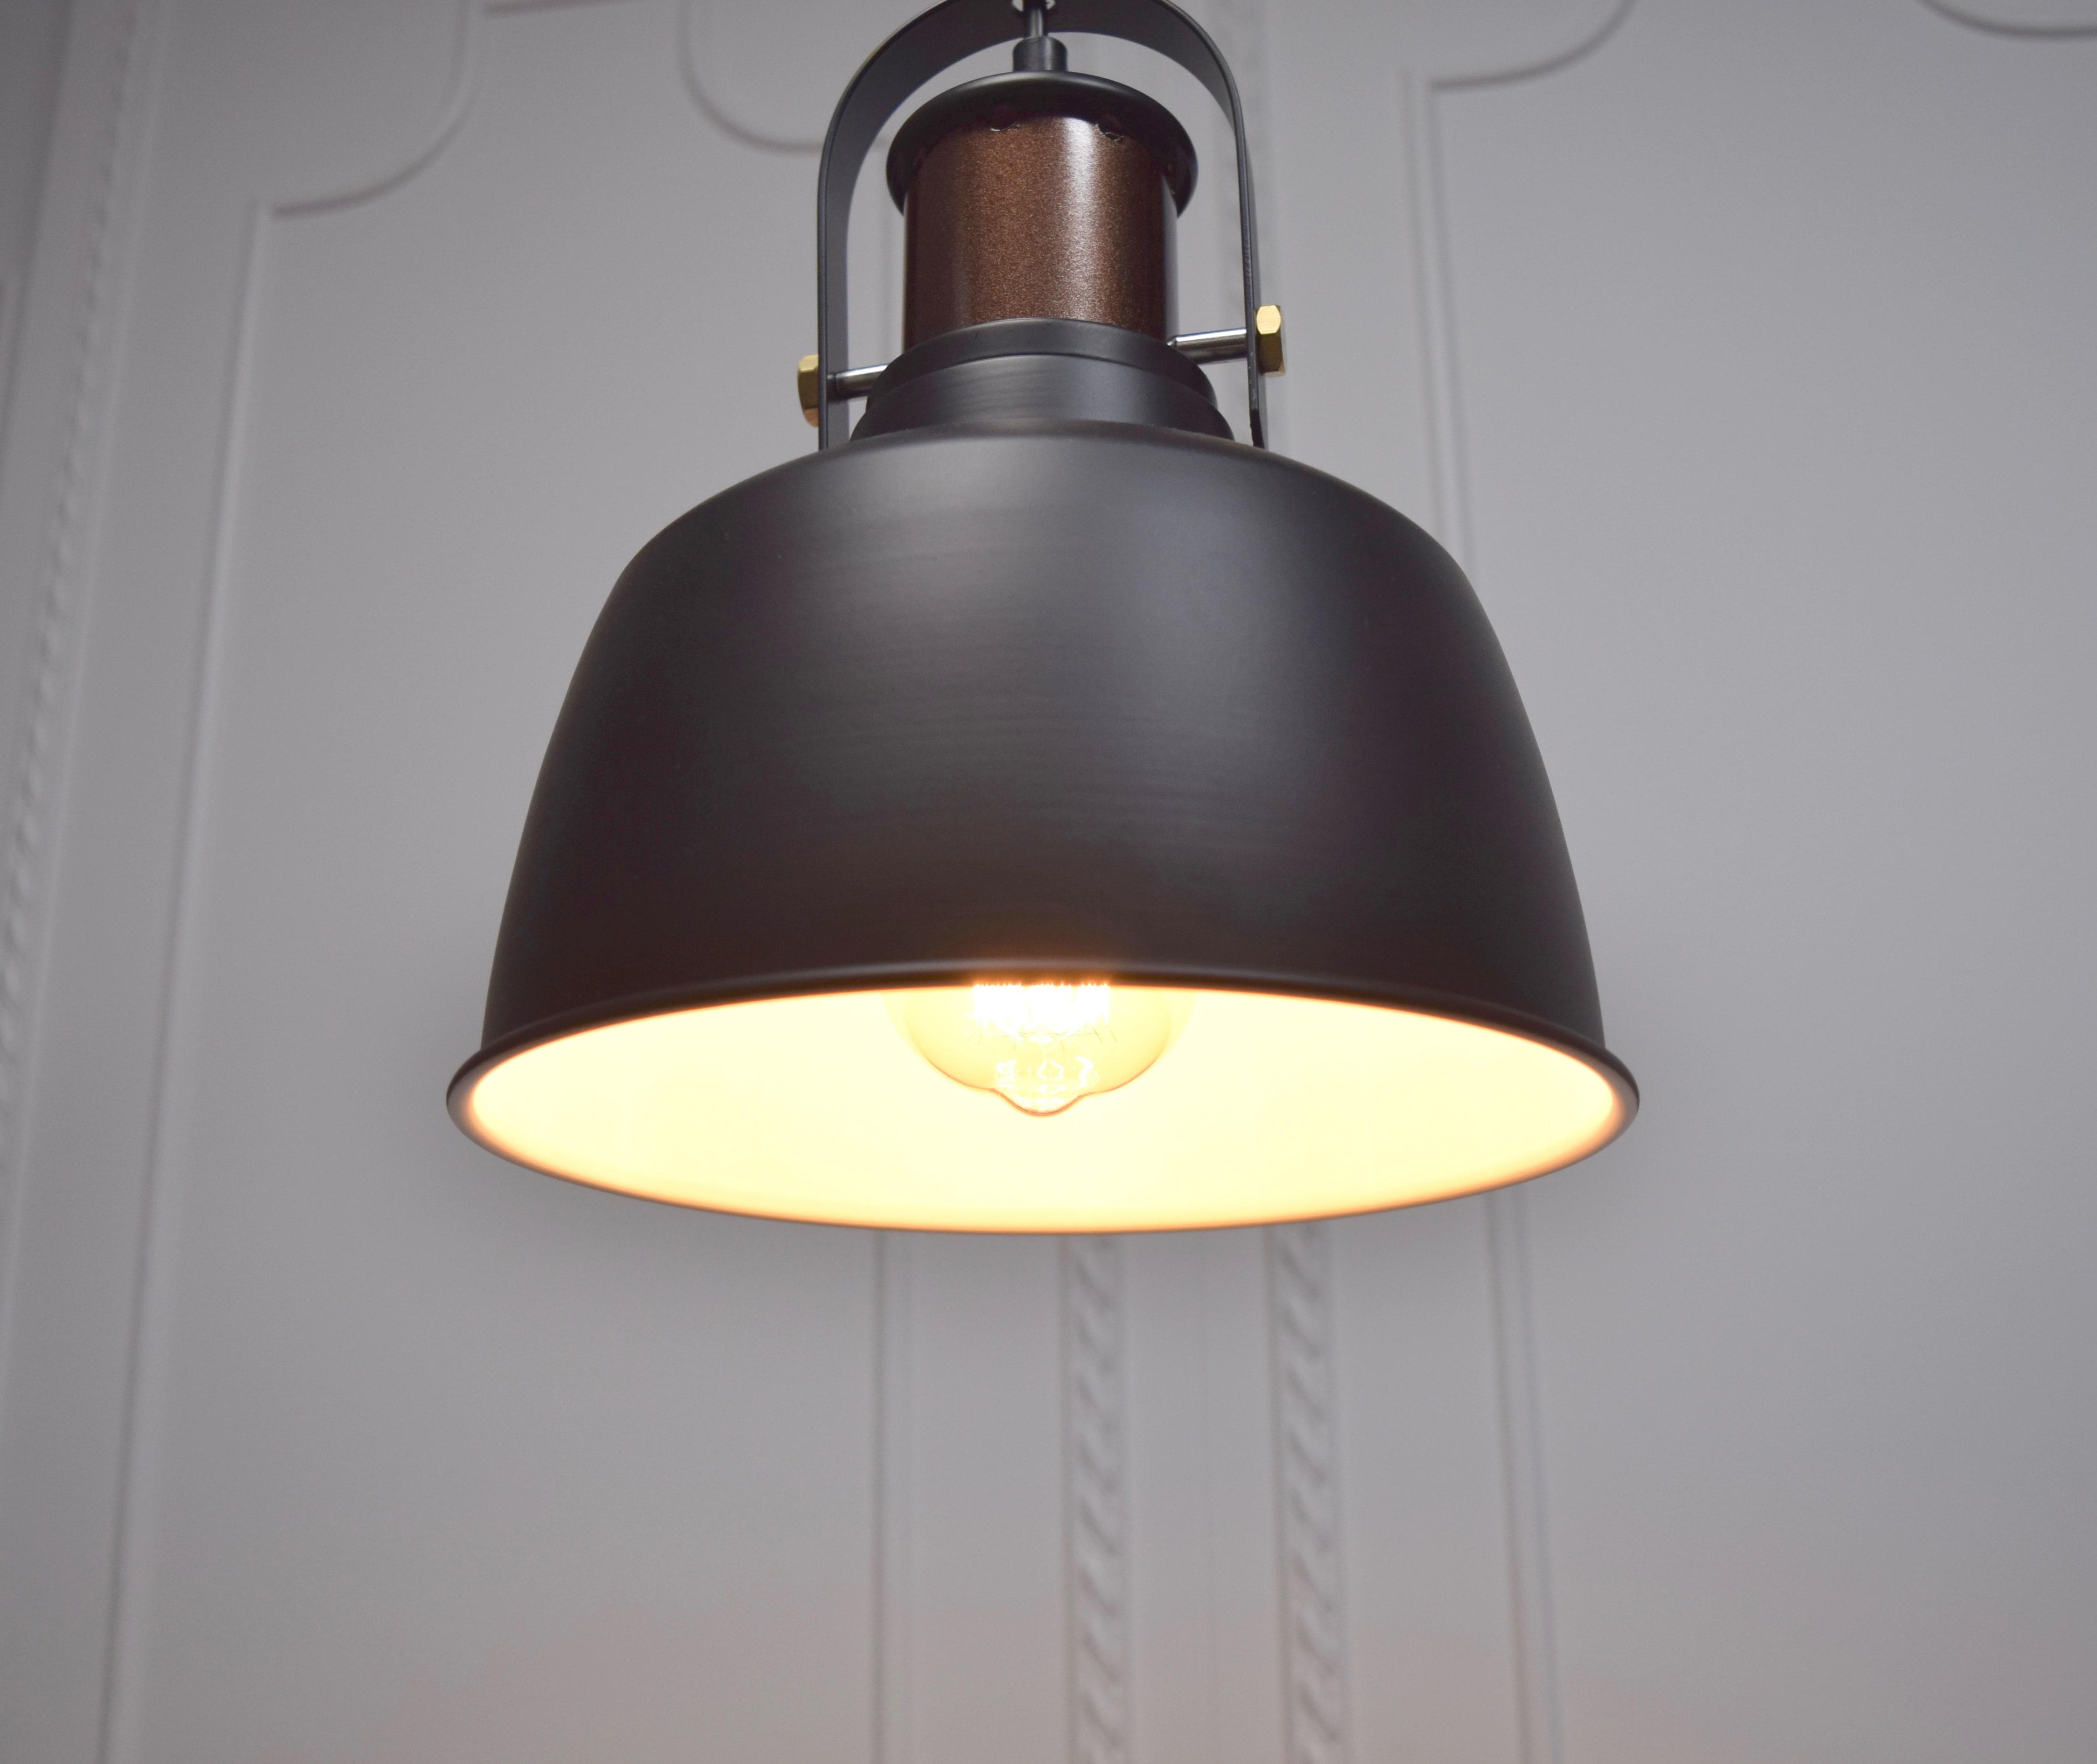 英倫復古吊燈-BNL00124 3